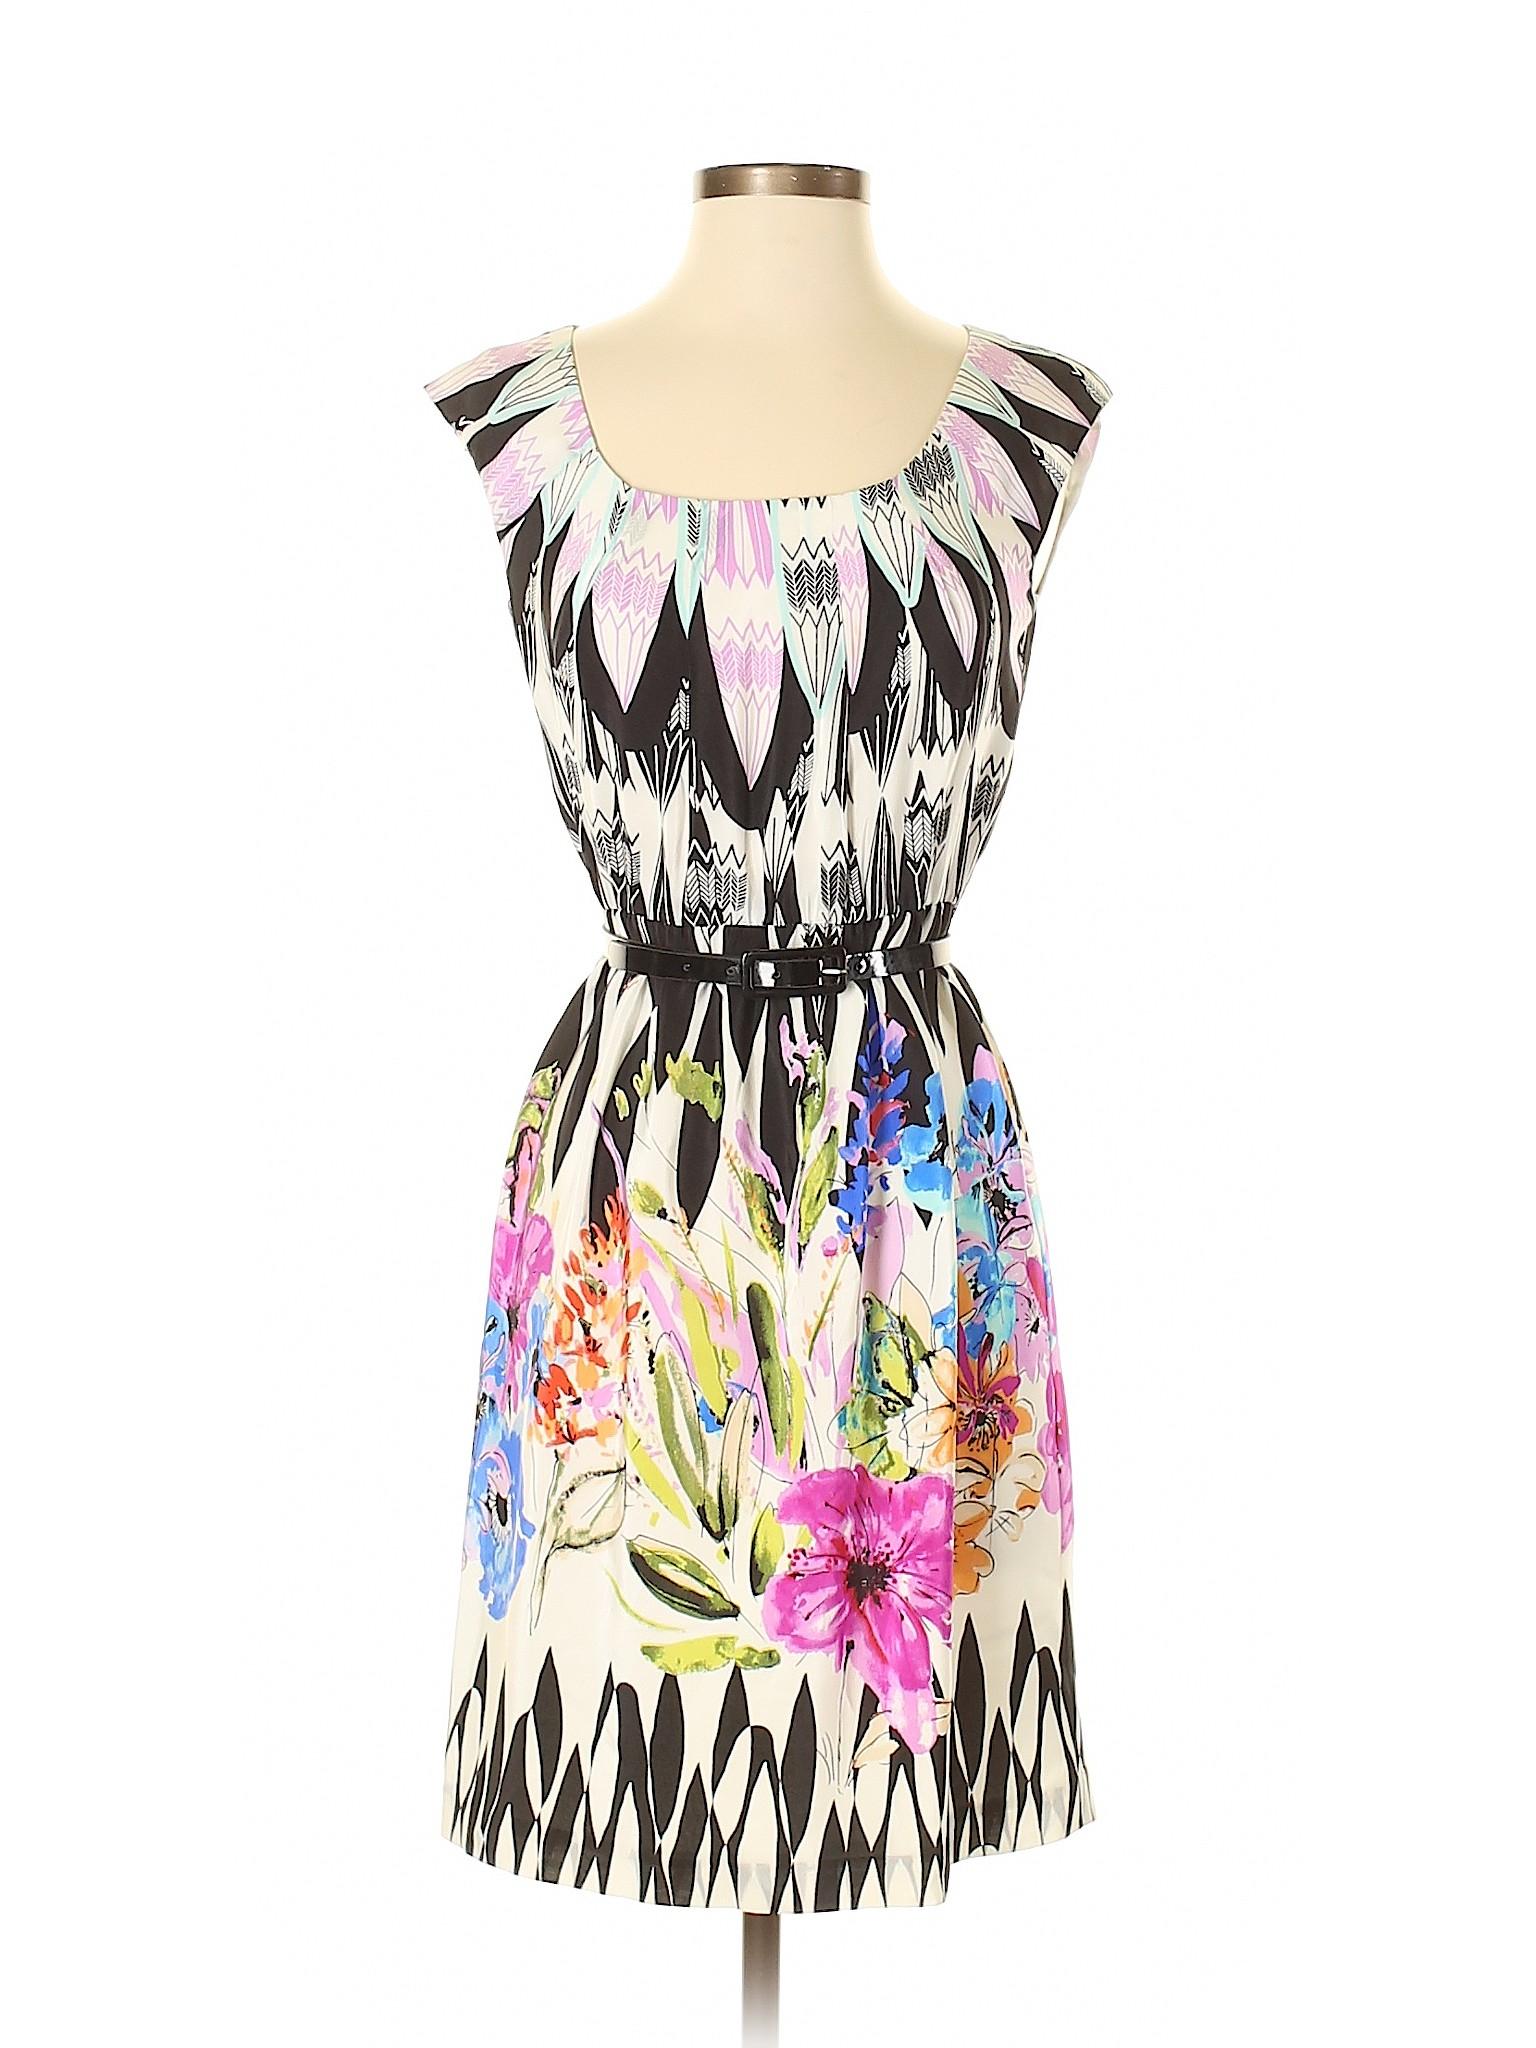 3666bd41c966 Petite Evening Dresses Dillards | Saddha